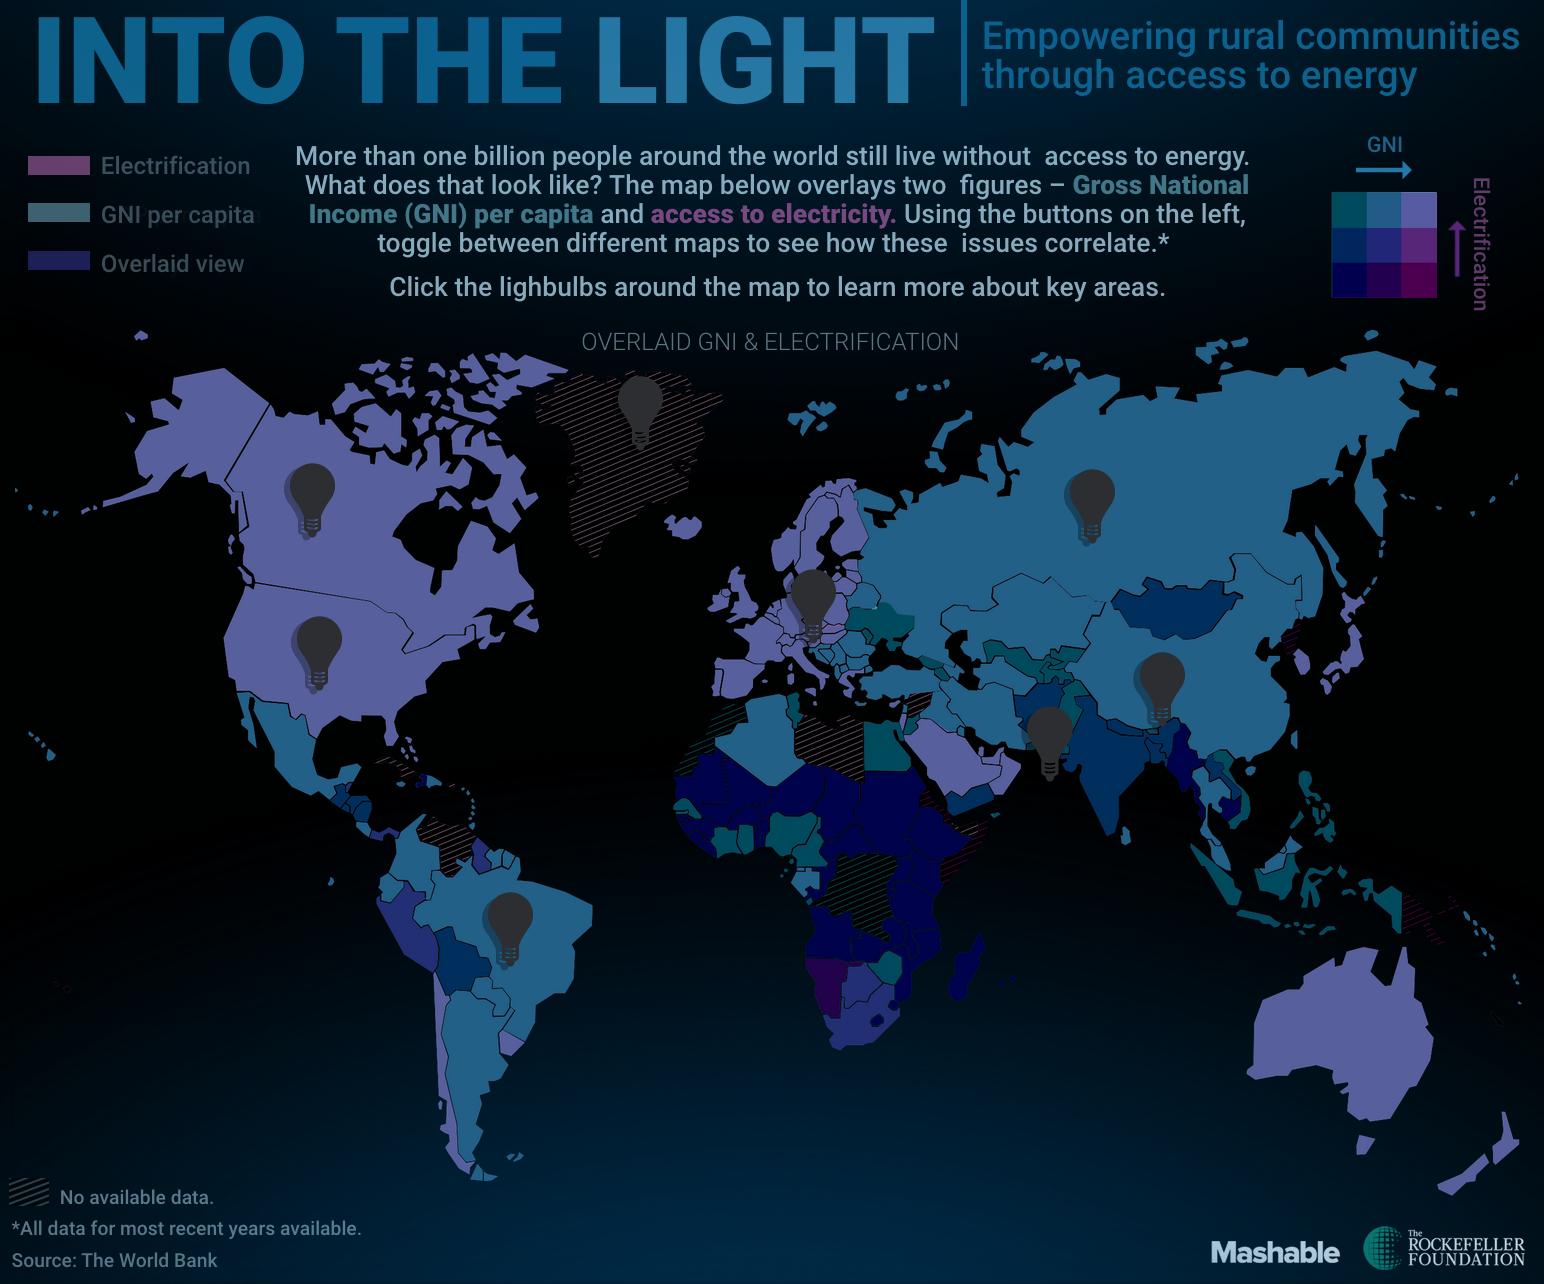 Taux d'électrification en regard du PIB des pays. (Source Mashable)